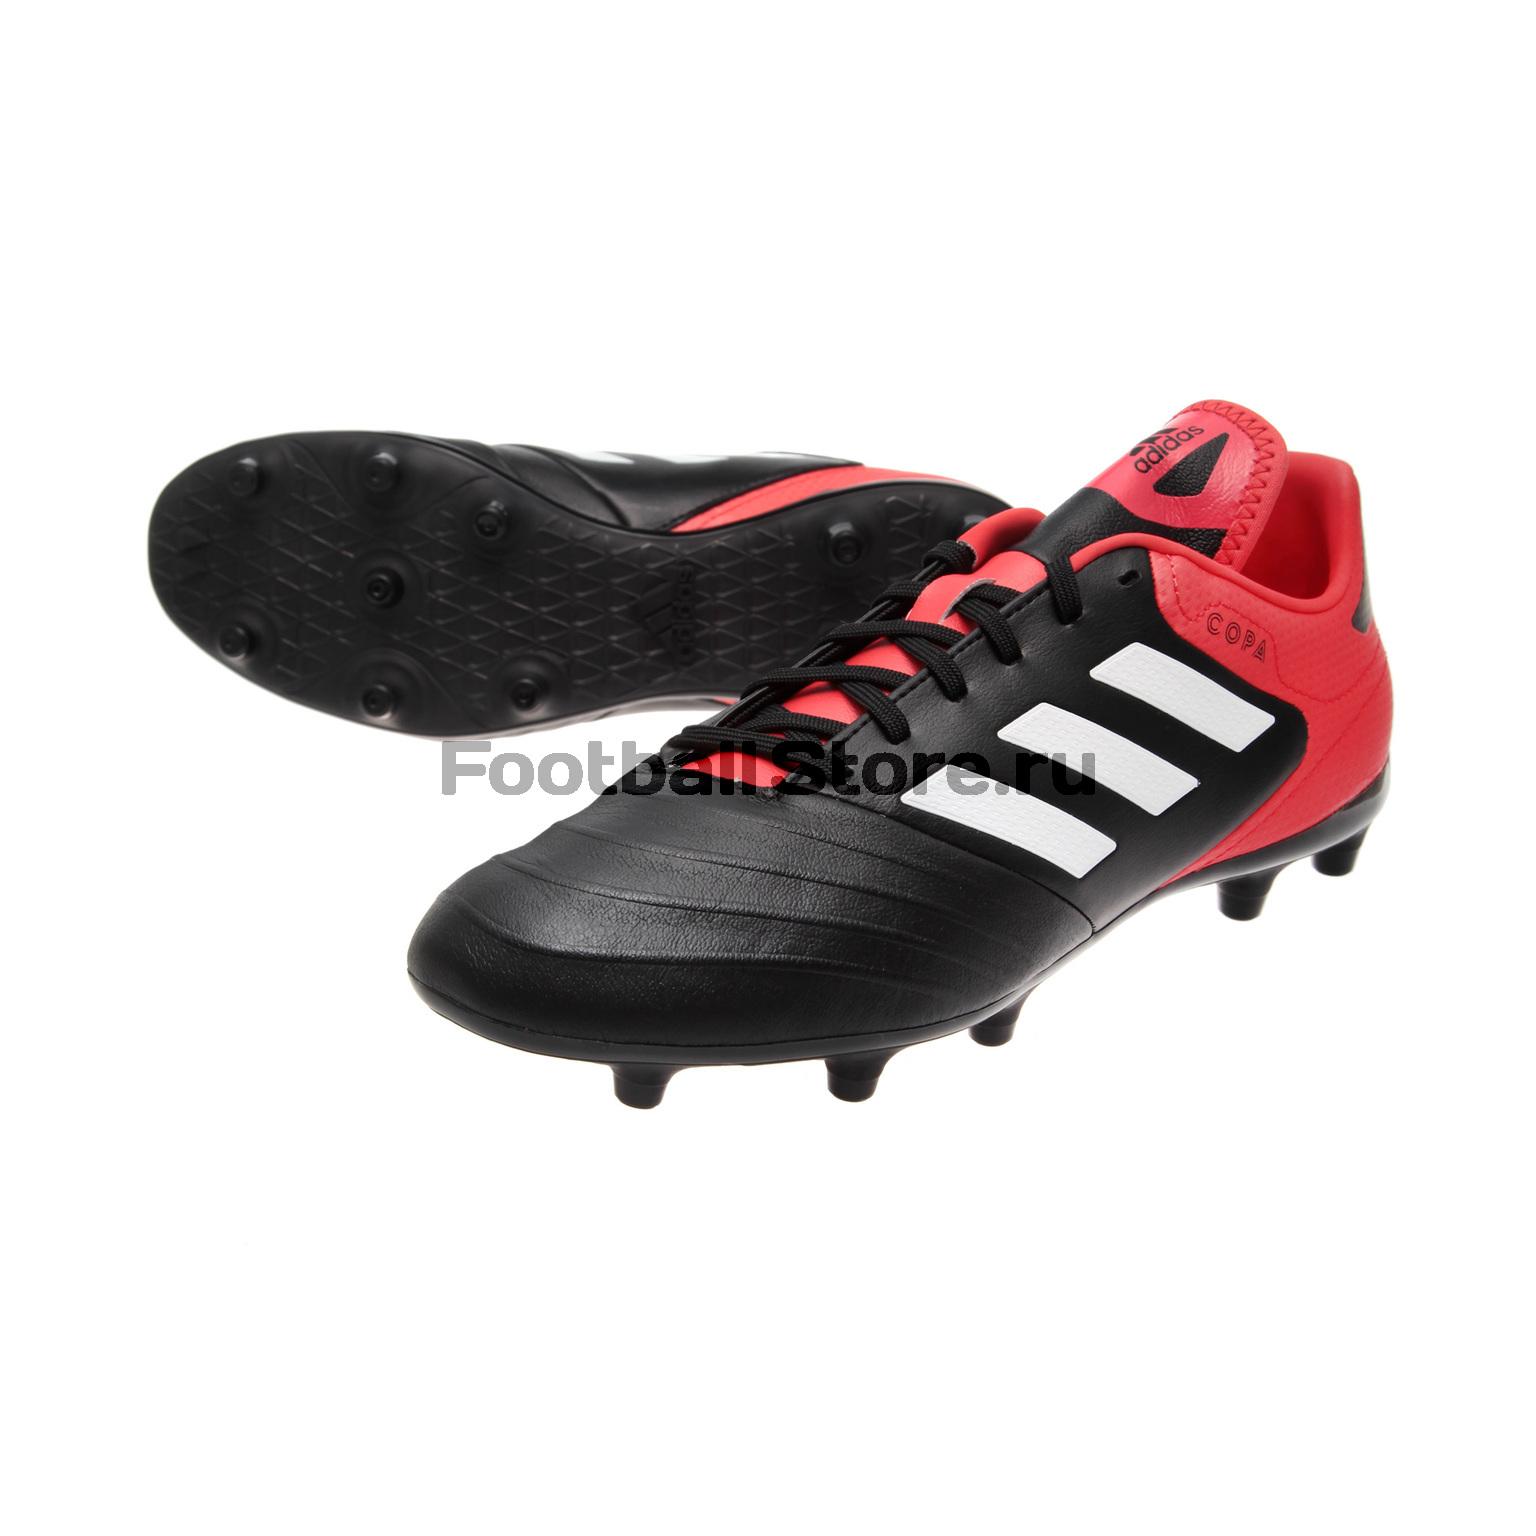 Бутсы Adidas Copa 18.3 FG CP8957 игровые бутсы adidas бутсы adidas ace 17 1 fg by2459